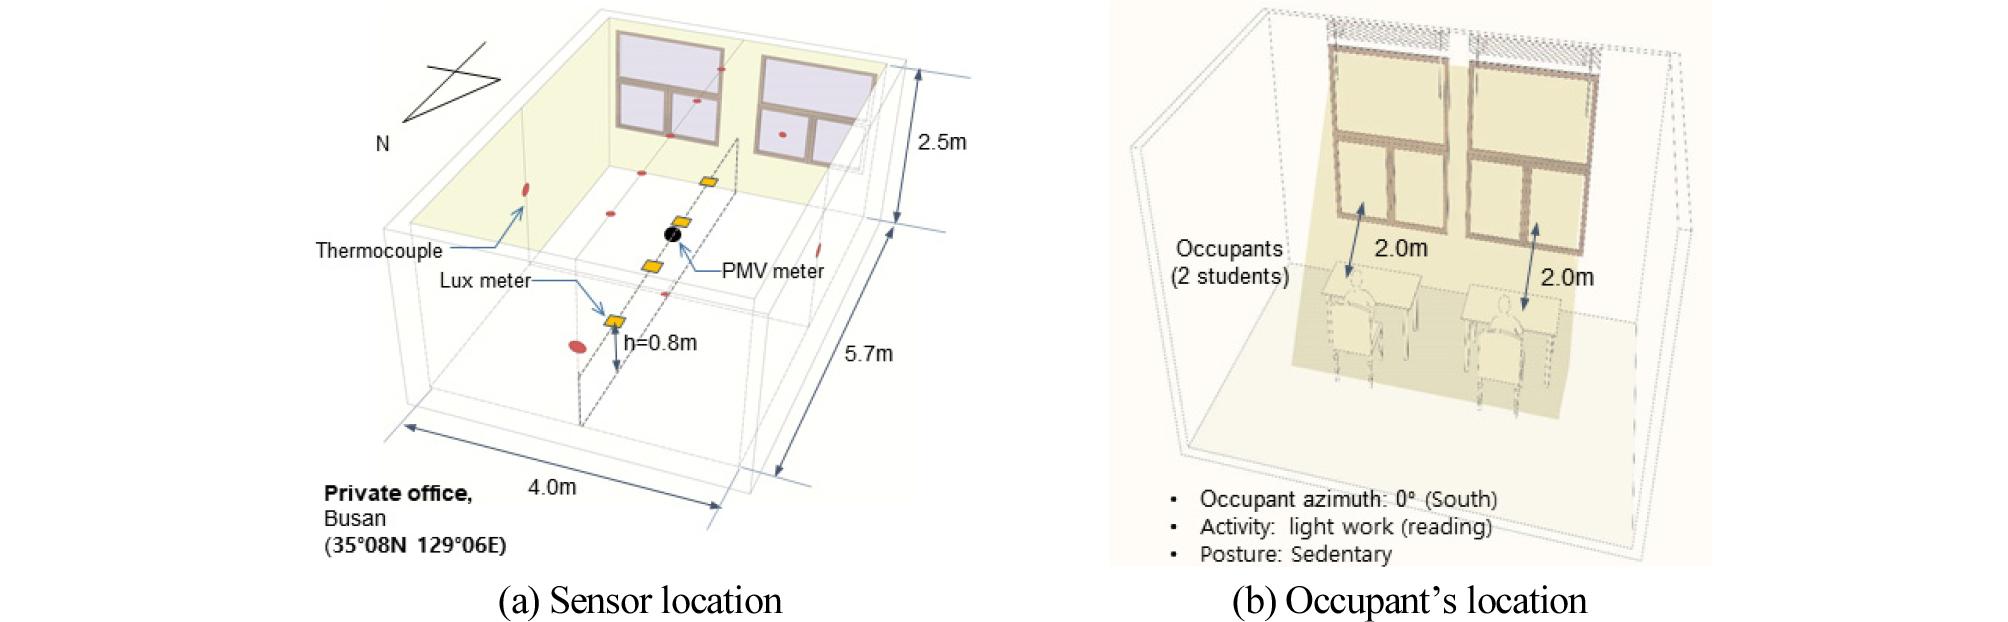 http://static.apub.kr/journalsite/sites/kiaebs/2020-014-05/N0280140504/images/Figure_KIAEBS_14_5_04_F2.jpg